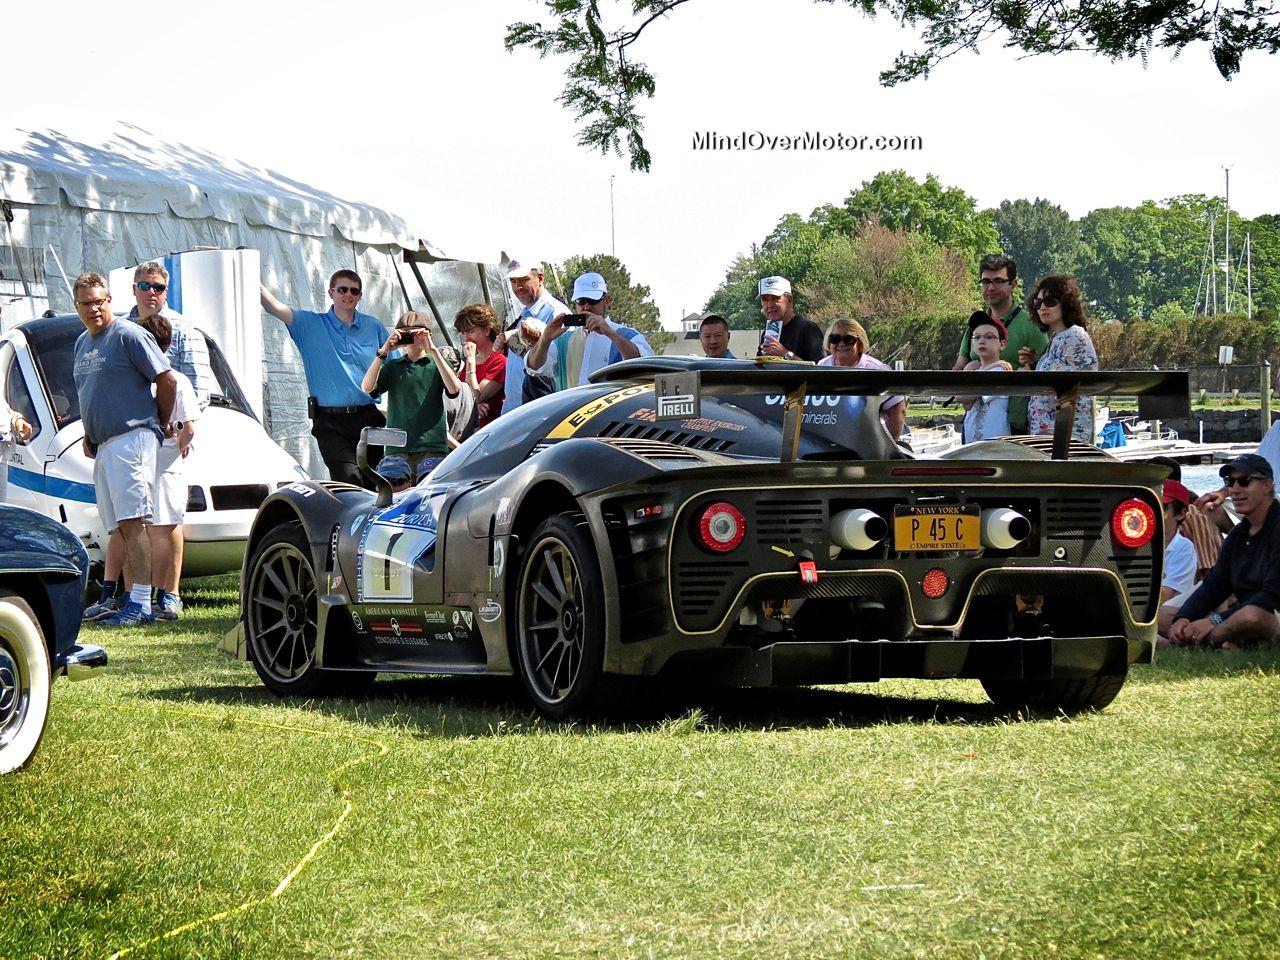 P4-5 Competizione rear